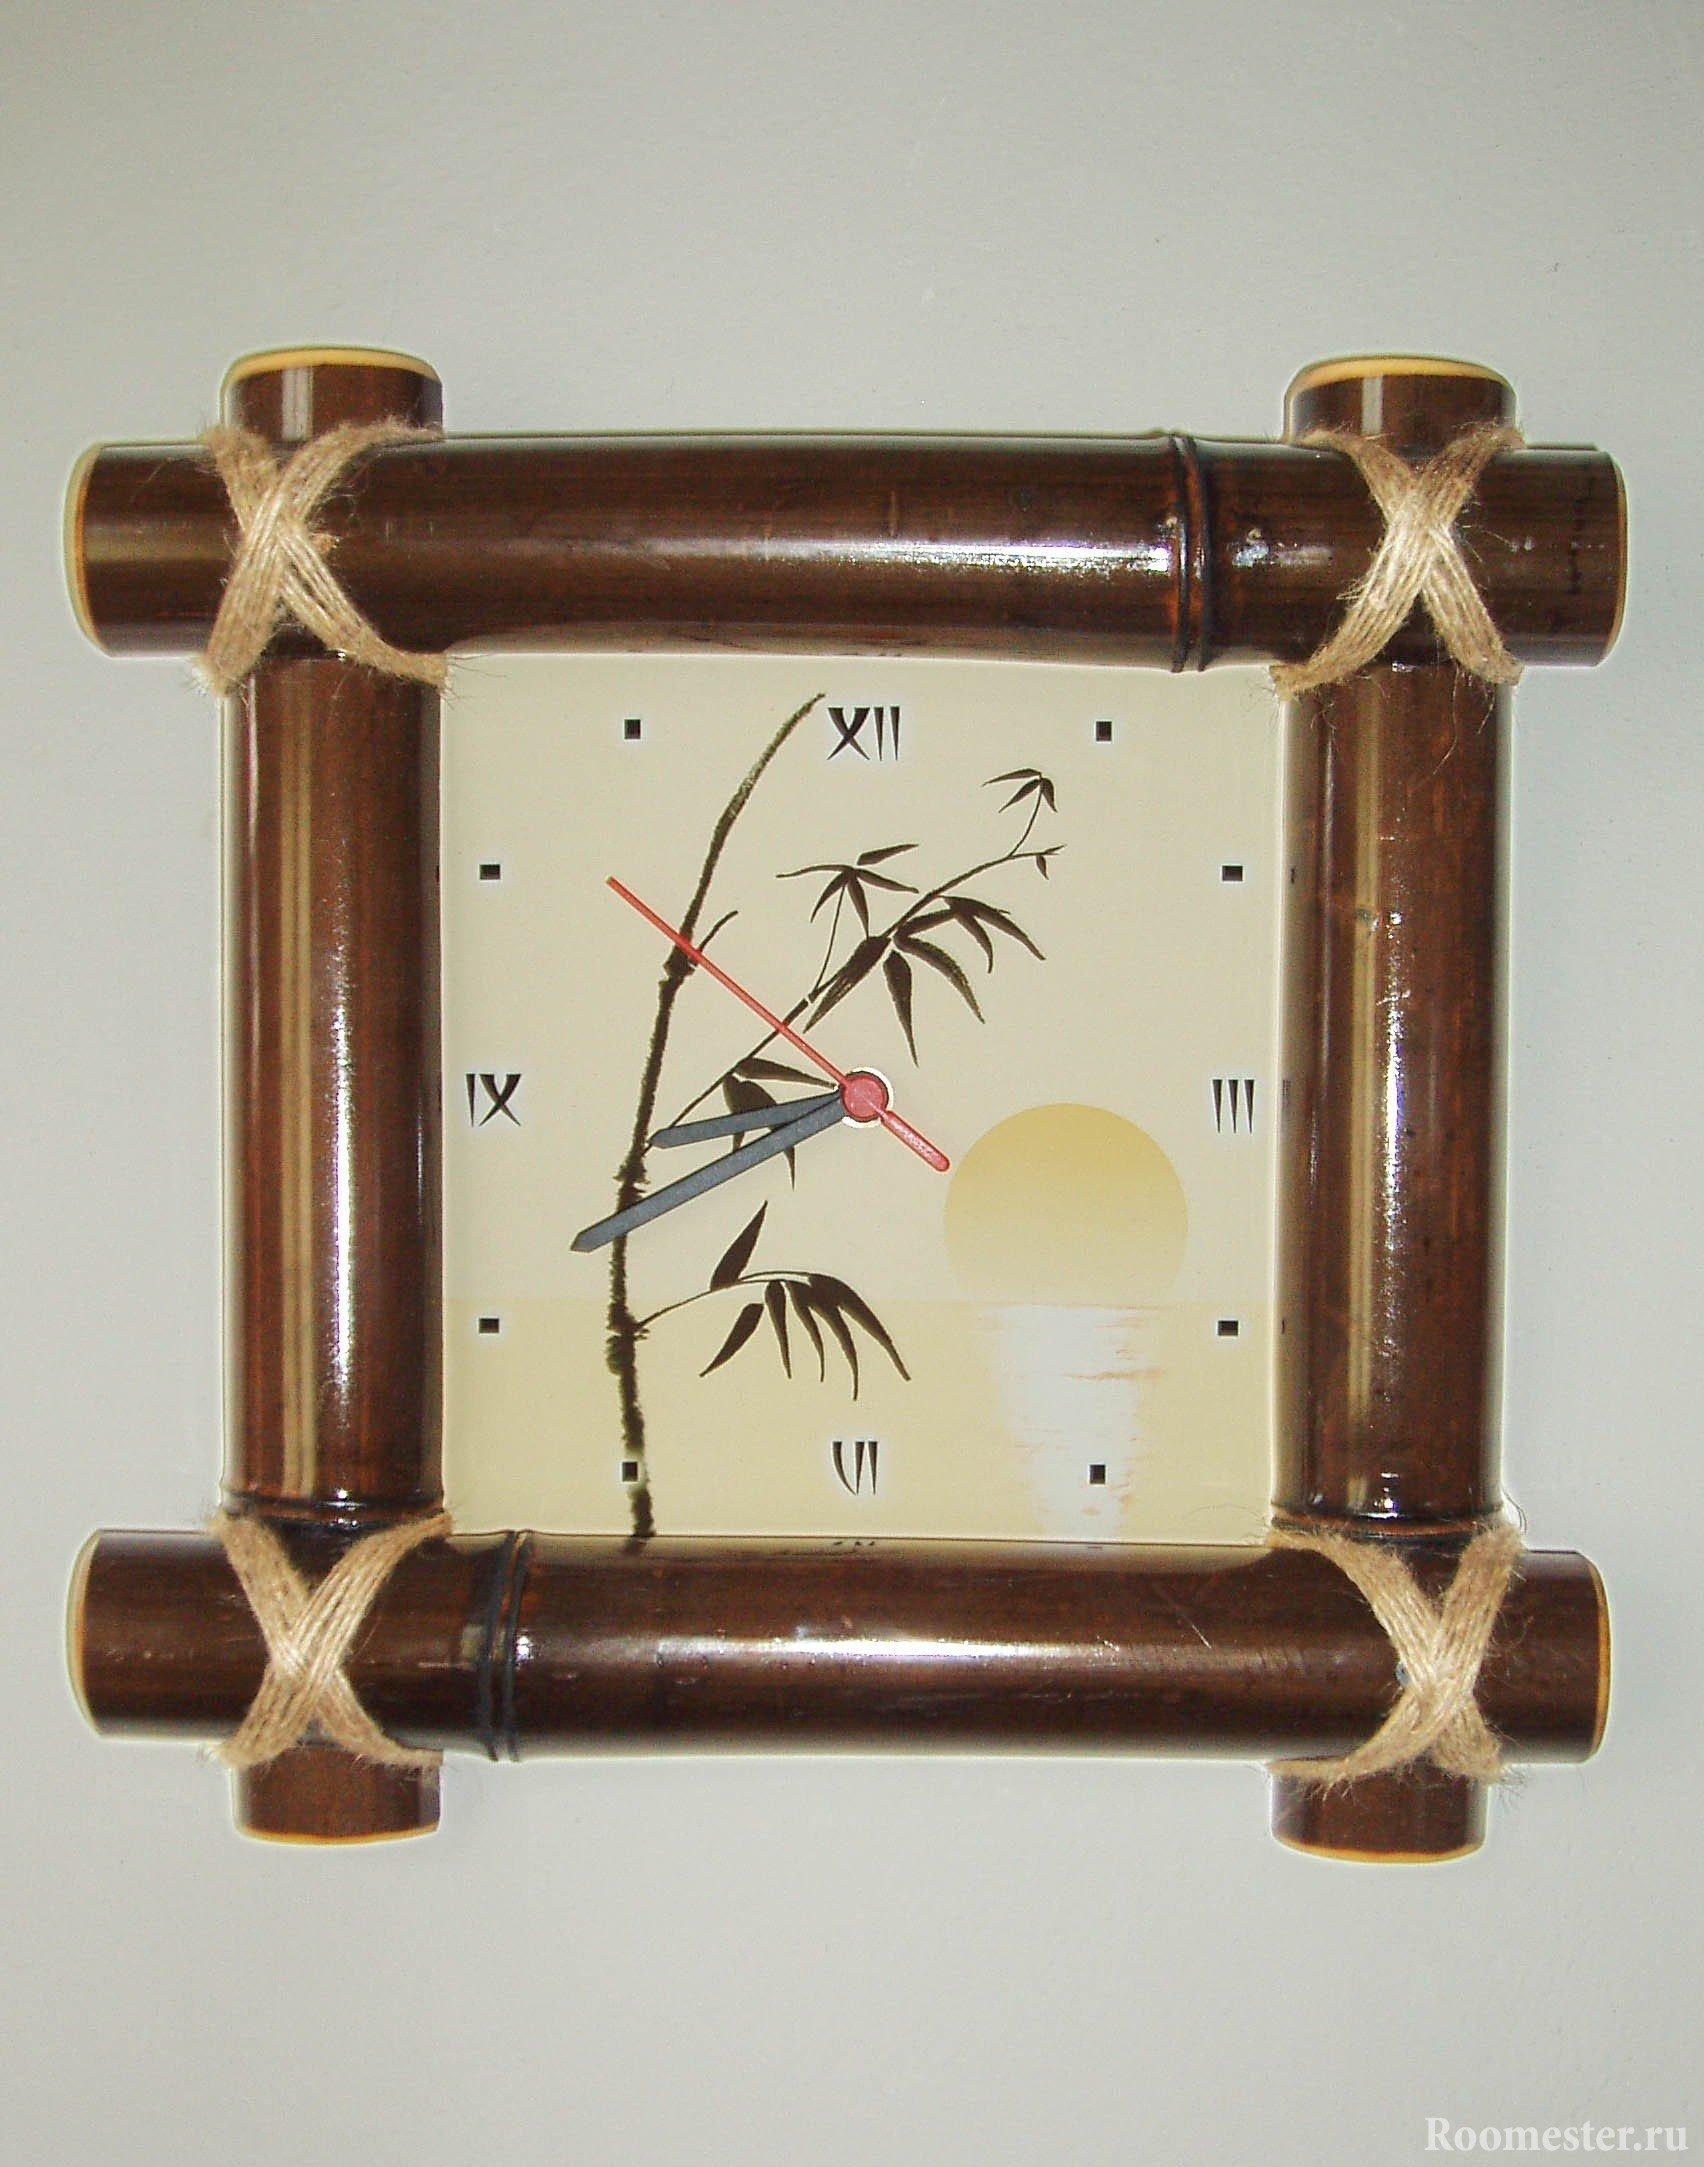 Рамка для часов своими руками